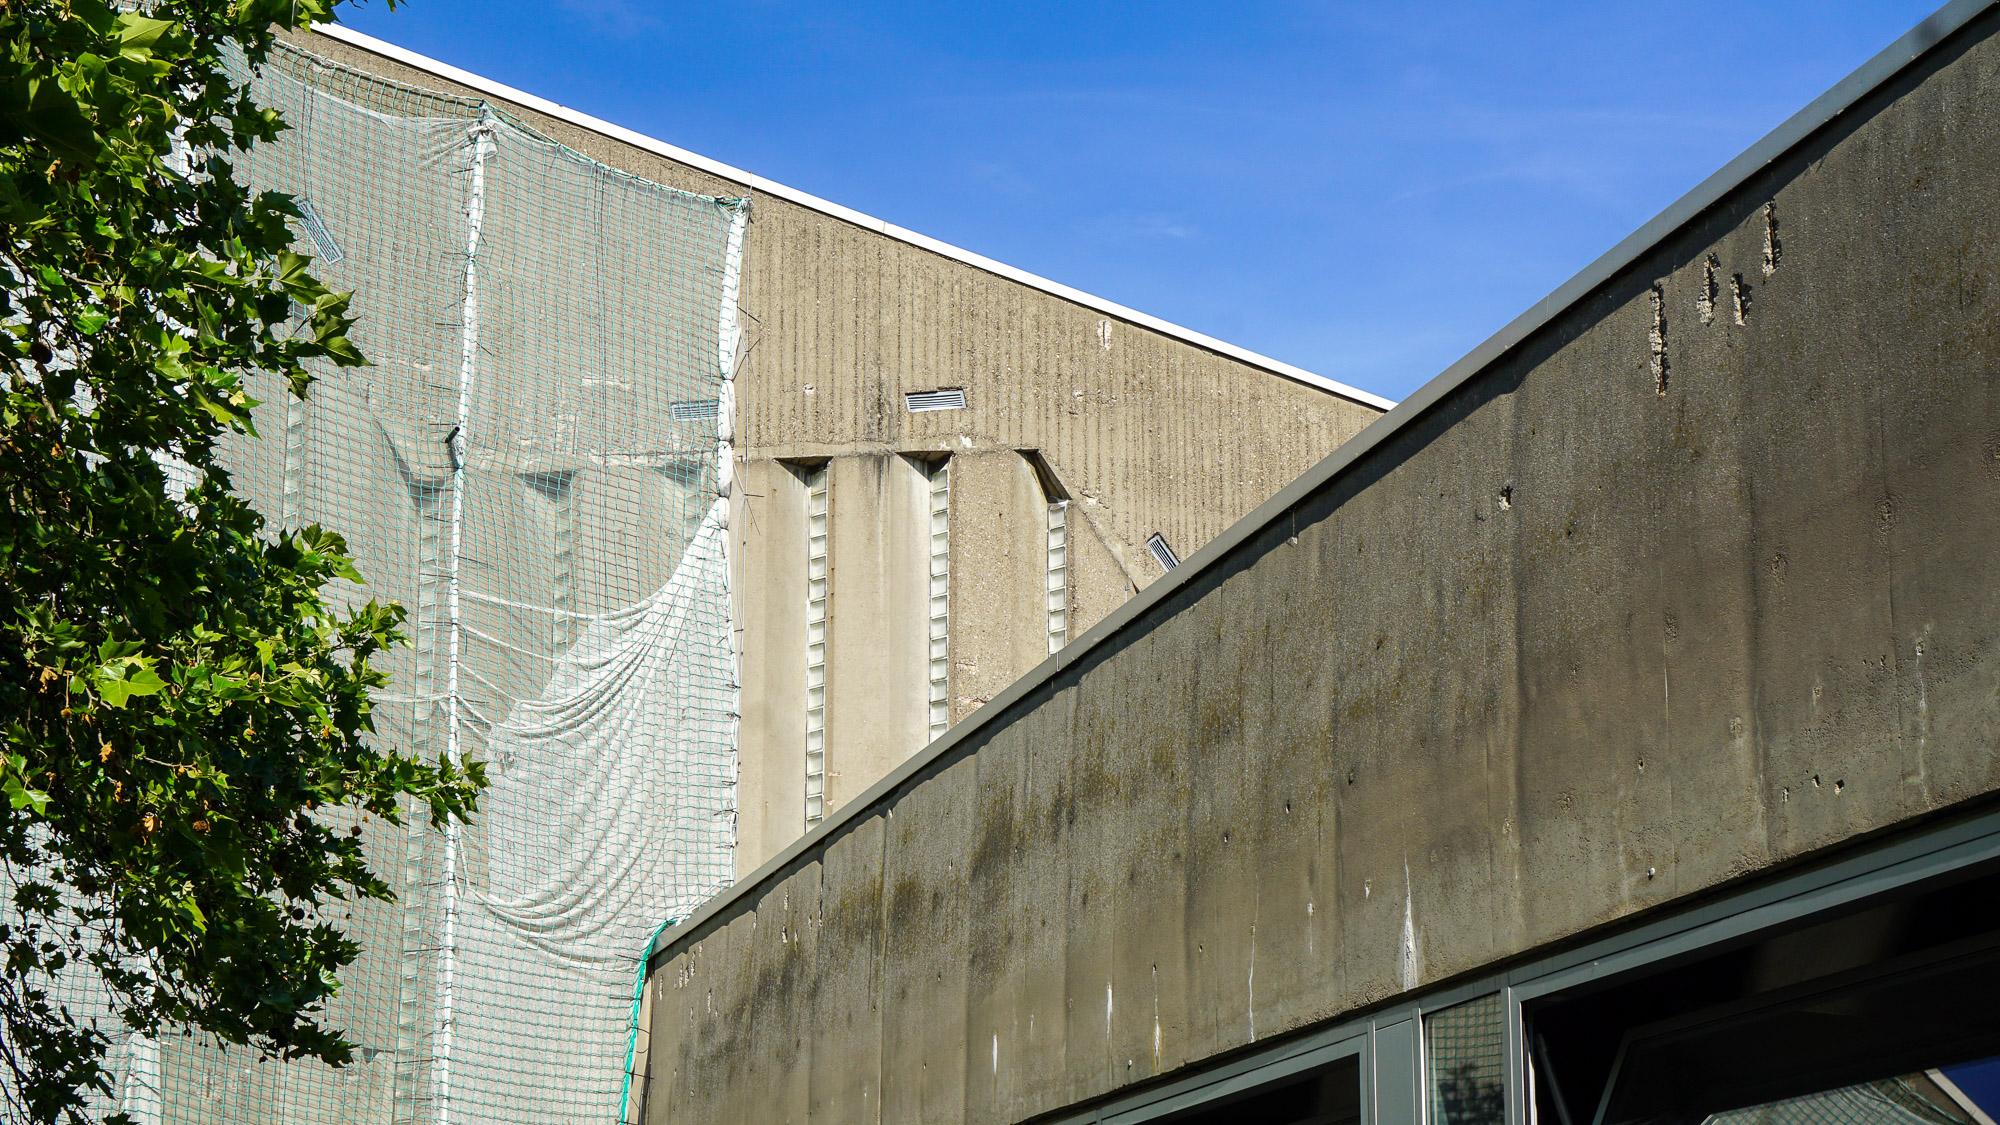 Betonfassade des Hörsaalgebäudes. Sie ist mit Netzen verkleidet, aber man kann noch etwas von der künstlerischen Gestaltung sehen.